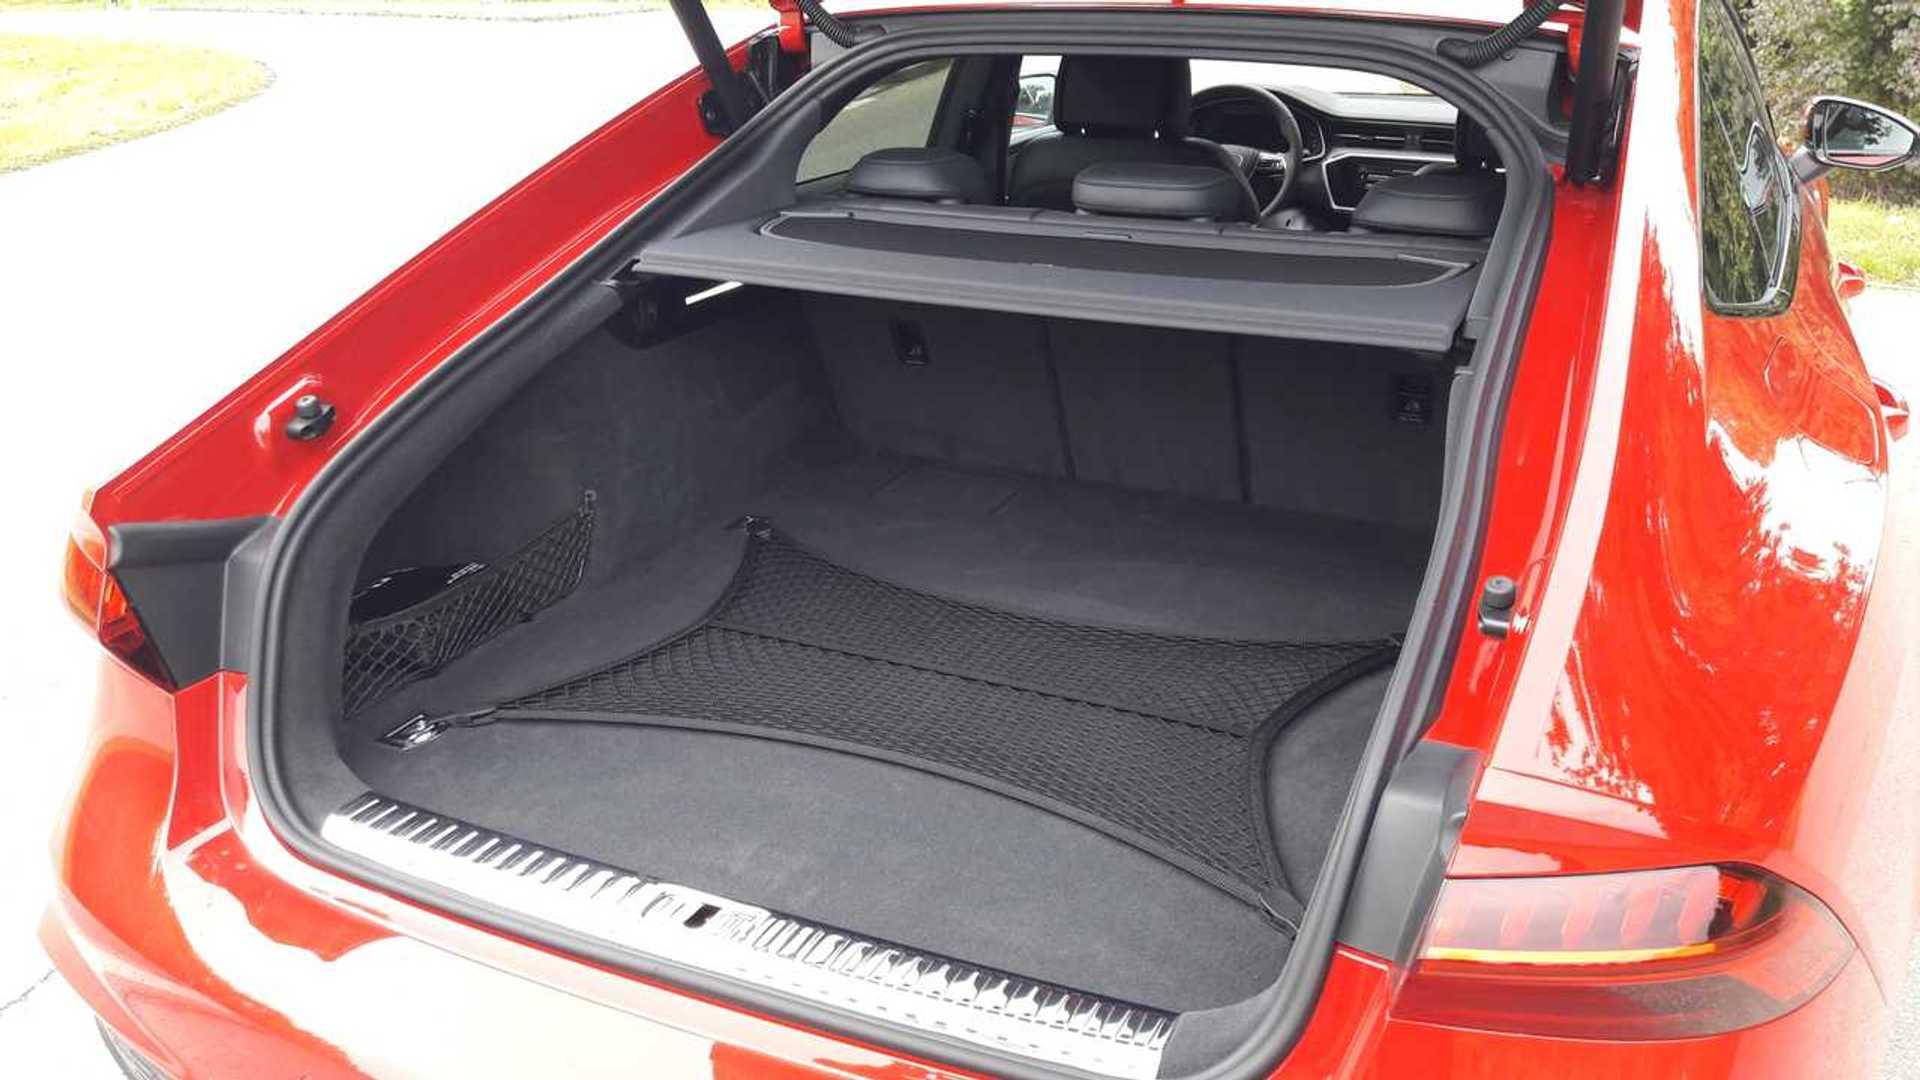 Audi A7 Sportback 55 Tfsi E Quattro Neuer Plug In Hybrid Im Test